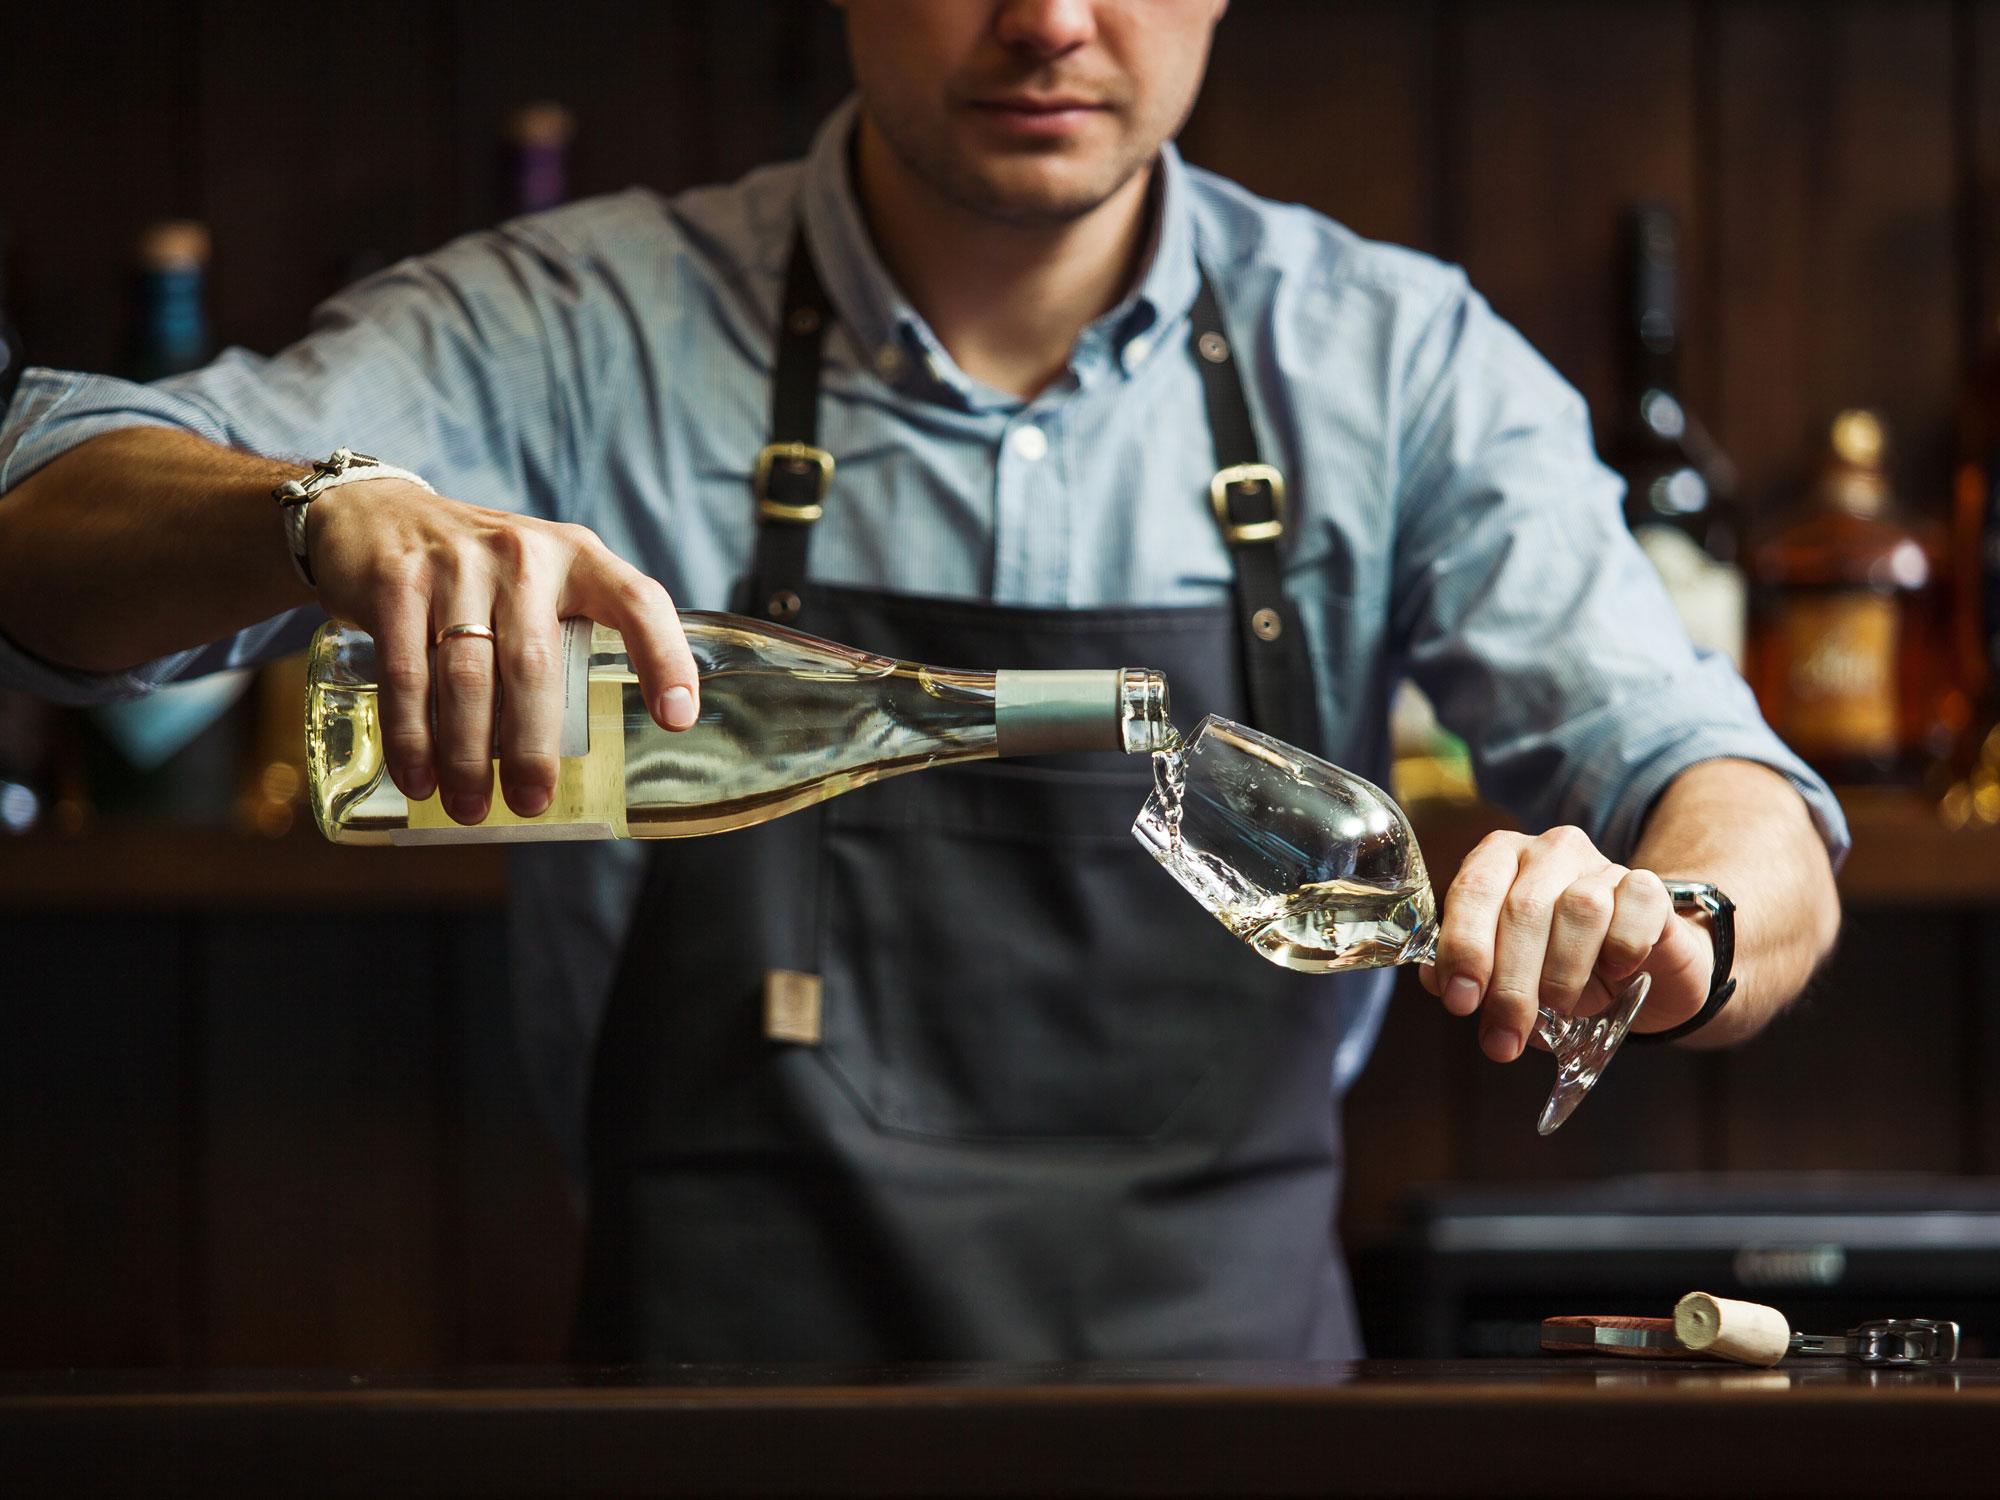 Selbst leichter Alkoholkonsum macht dick